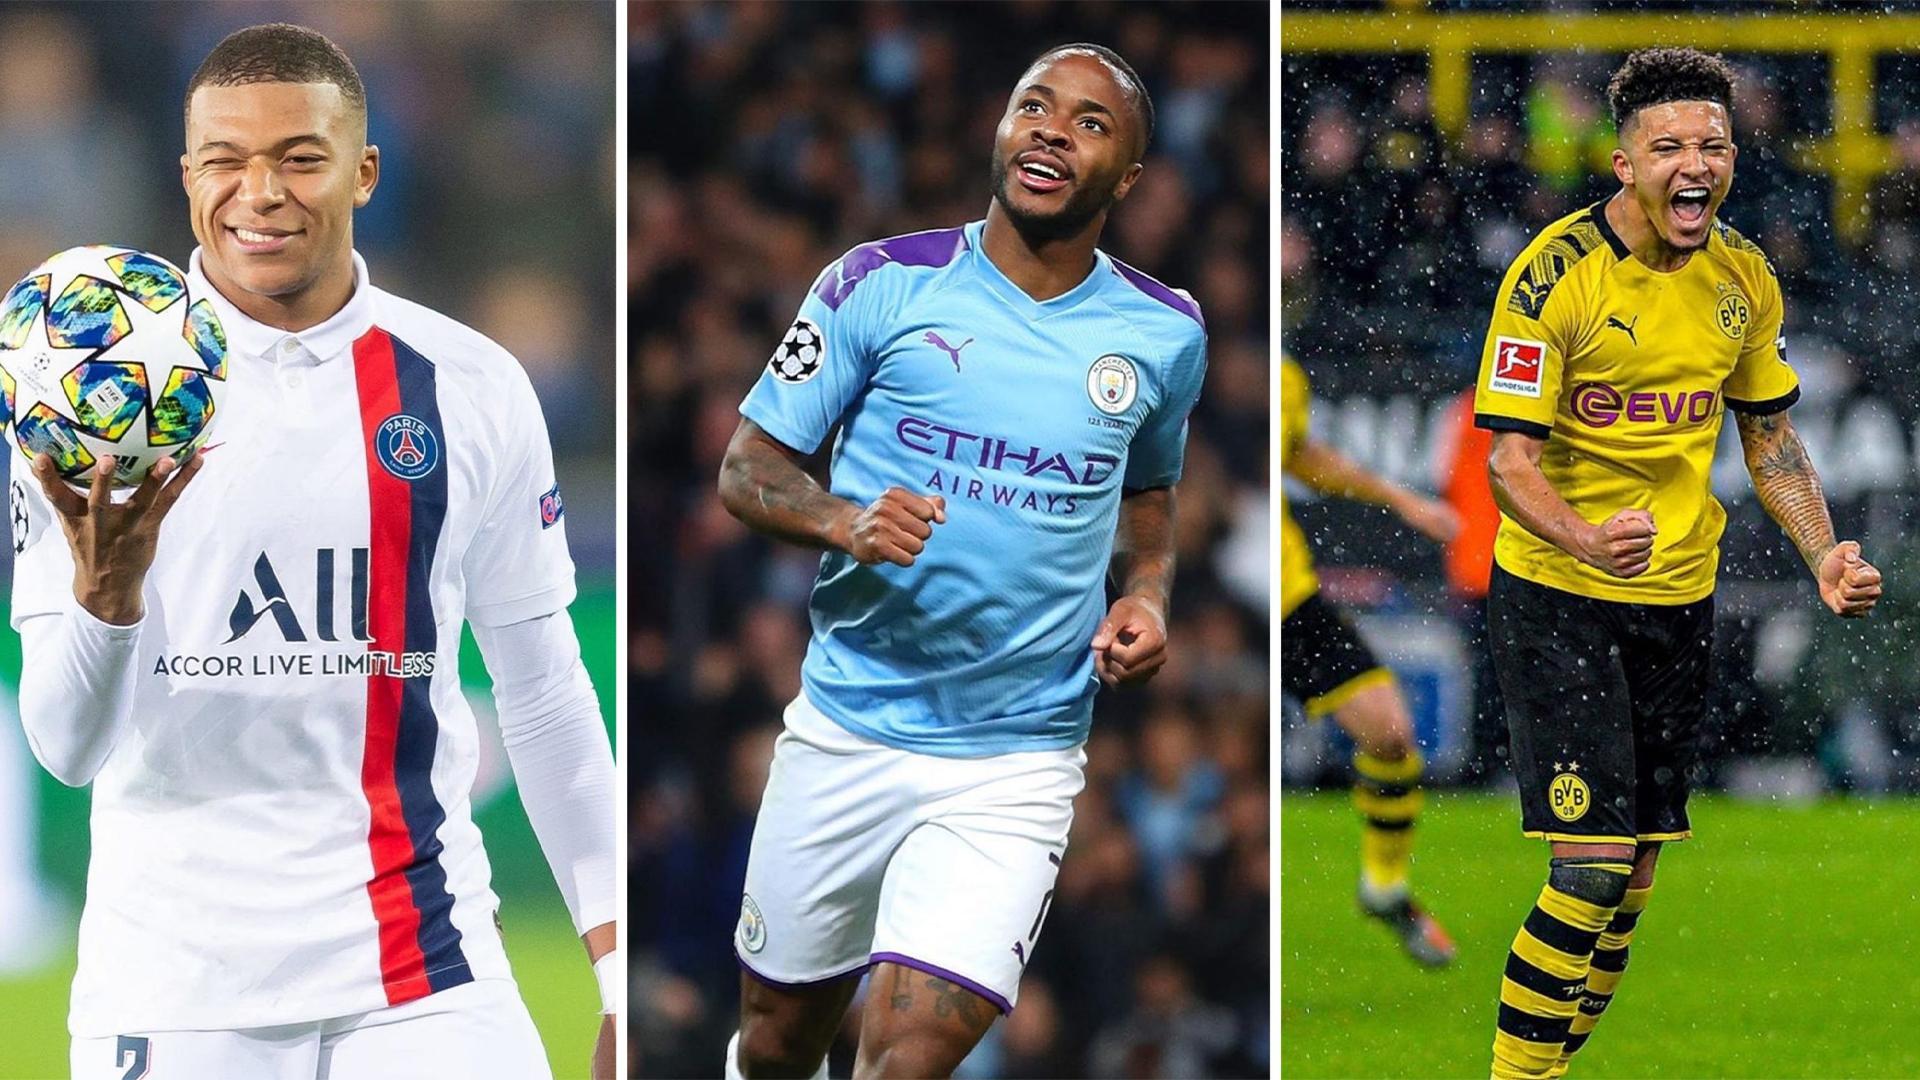 10 อันดับนักฟุตบอลมูลค่าสูงที่สุดของโลก